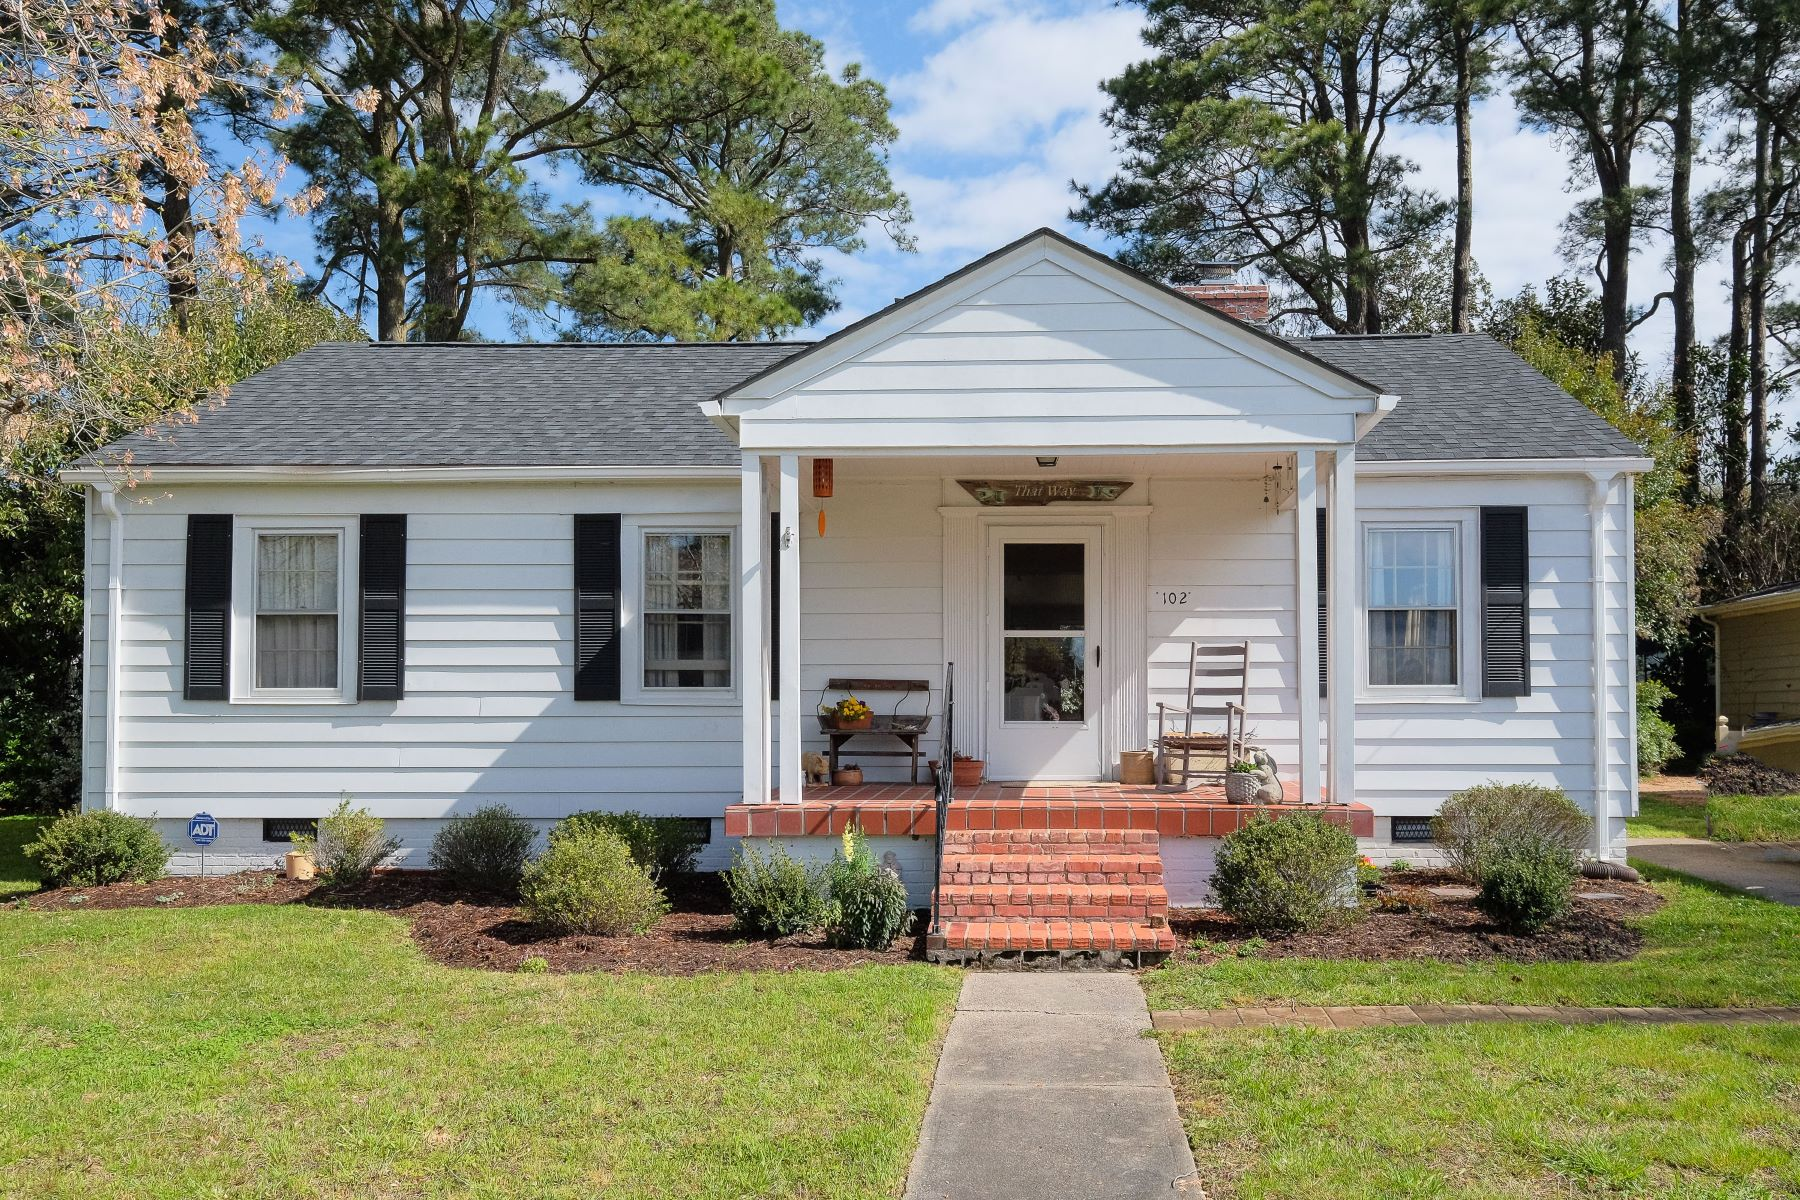 Частный односемейный дом для того Продажа на CHARMING WATER VIEW 102 Pembroke Circle Edenton, Северная Каролина 27932 Соединенные Штаты